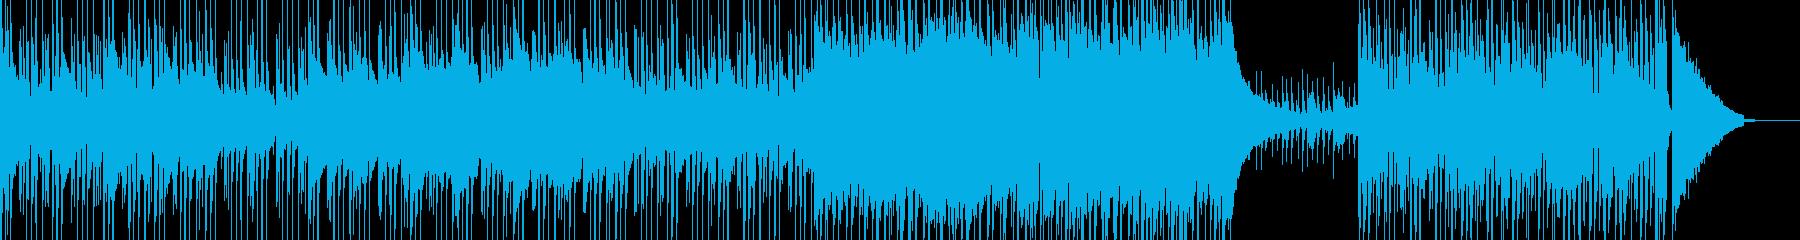 肉弾戦・真剣勝負を想定したロック 短尺の再生済みの波形